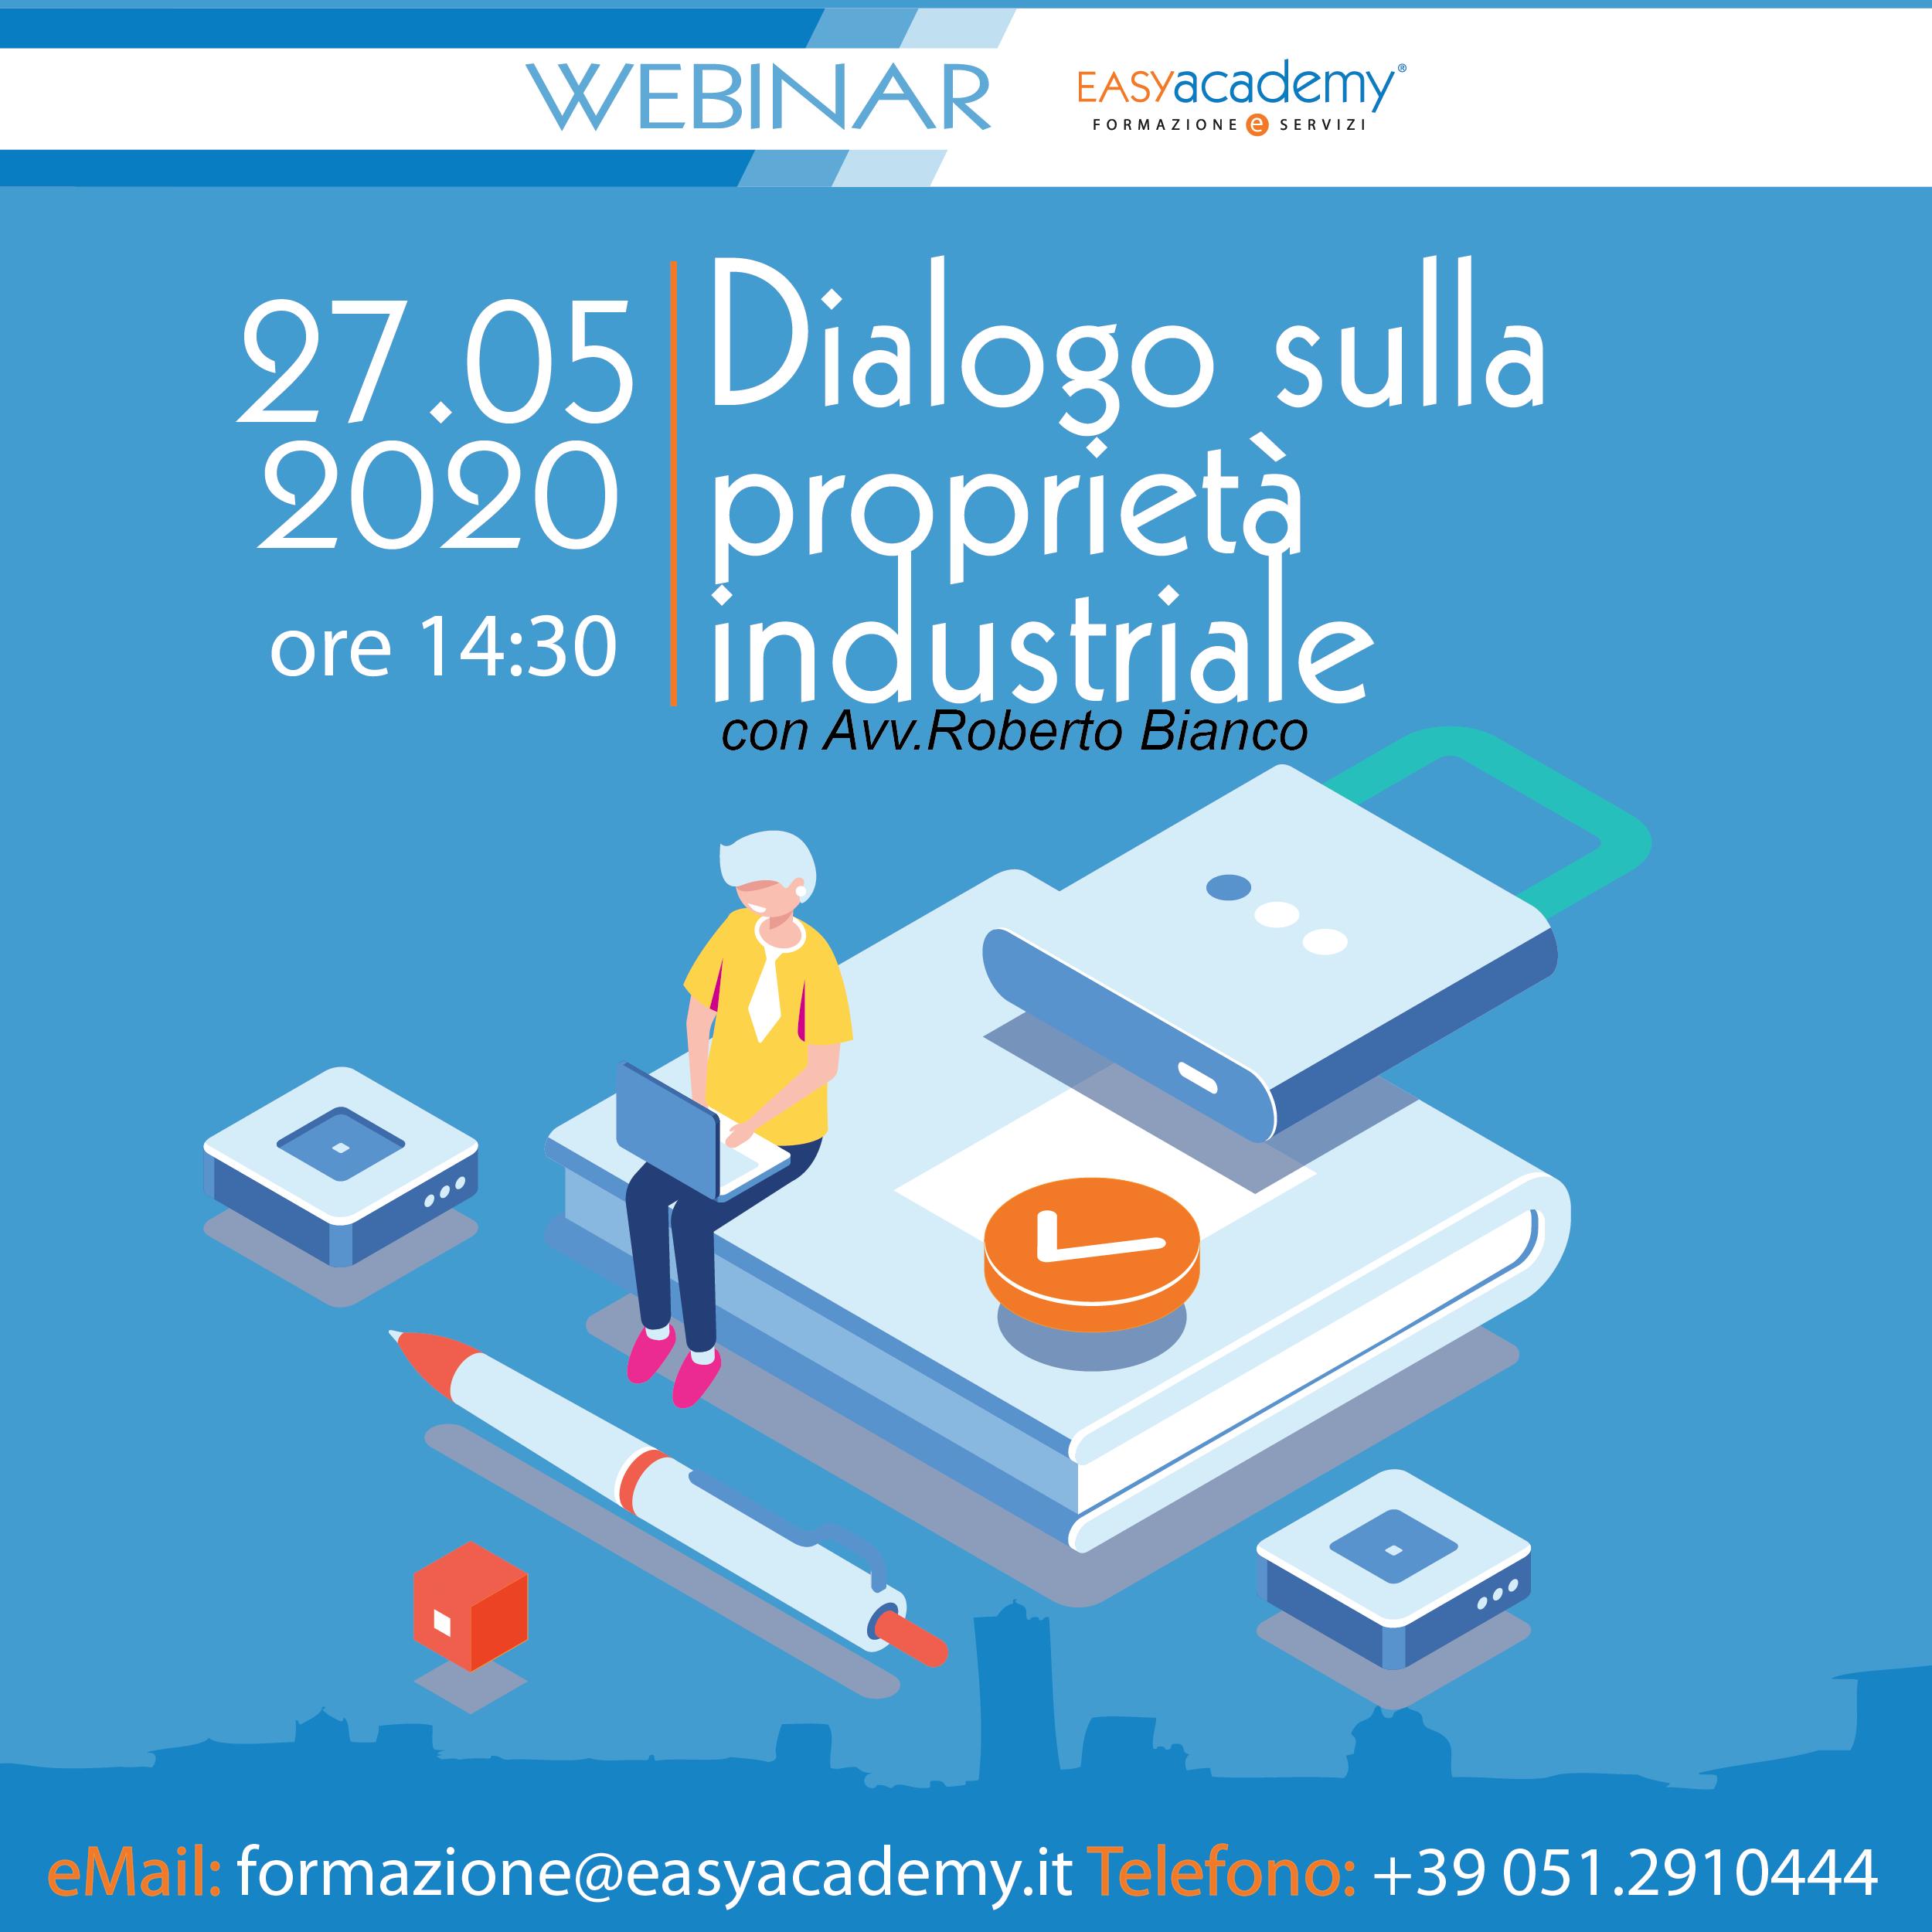 Dialogo sulla proprietà industriale| WEBINAR